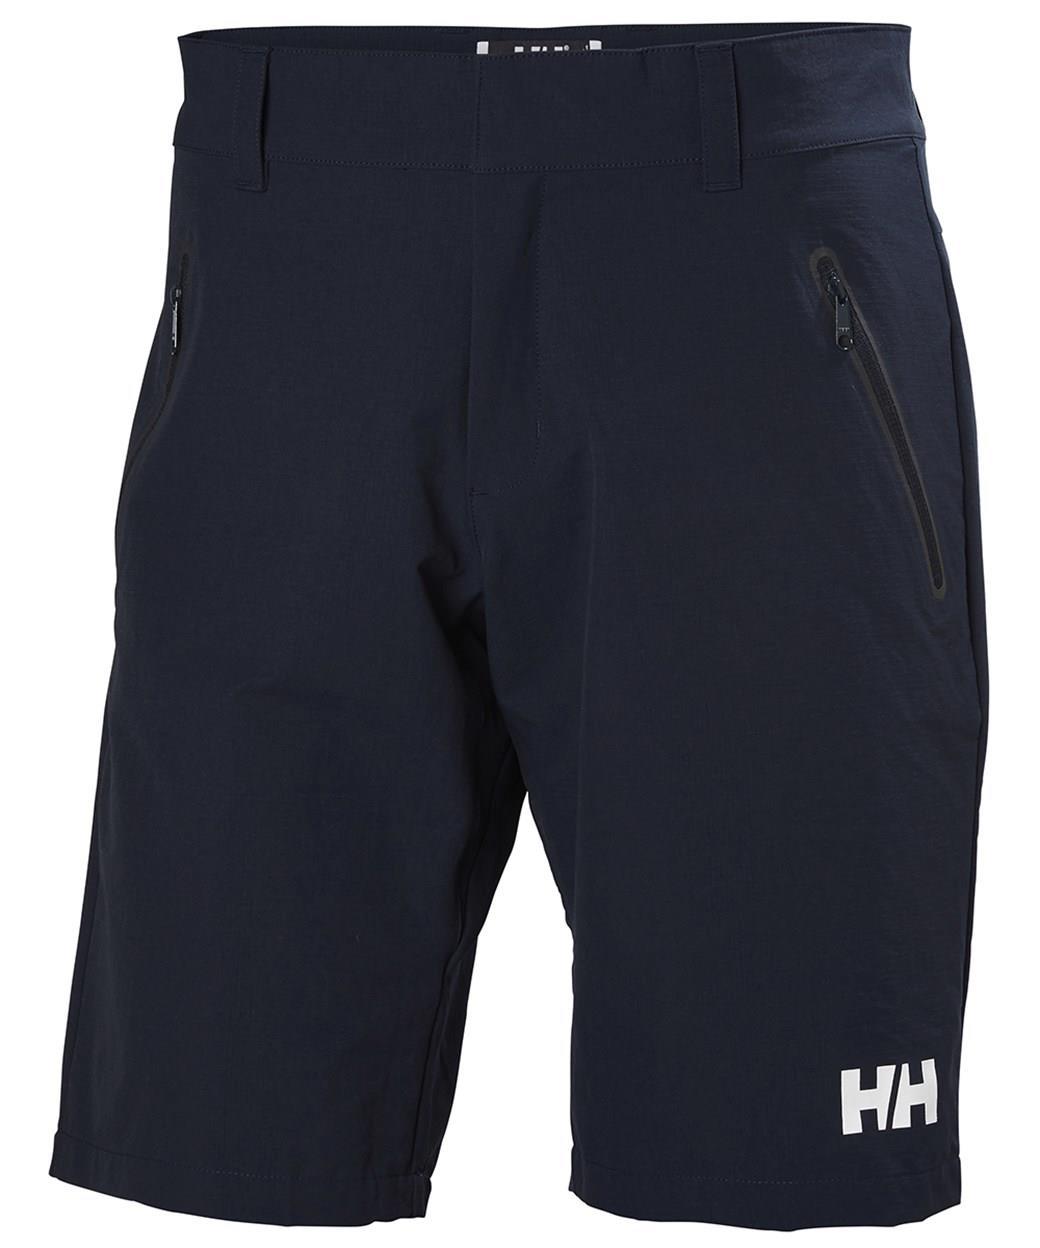 Hh Crewline Qd Shorts Hha53018